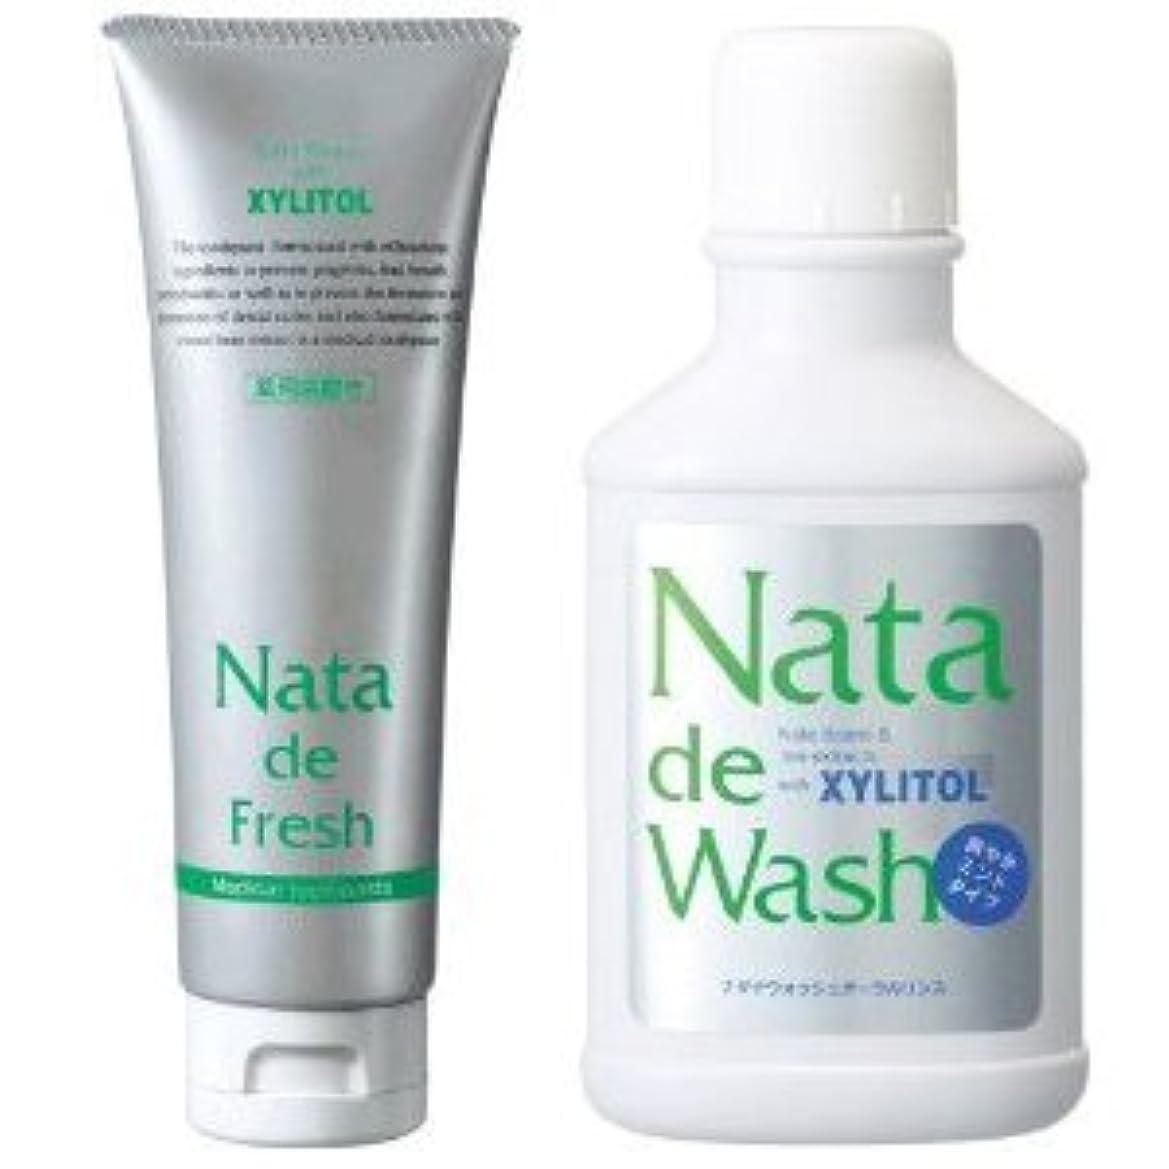 レーザ解放栄光ナタデウォッシュ 口内環境セット 歯磨き+マウスウォッシュ ナタデフレッシュ+ナタデウォッシュ